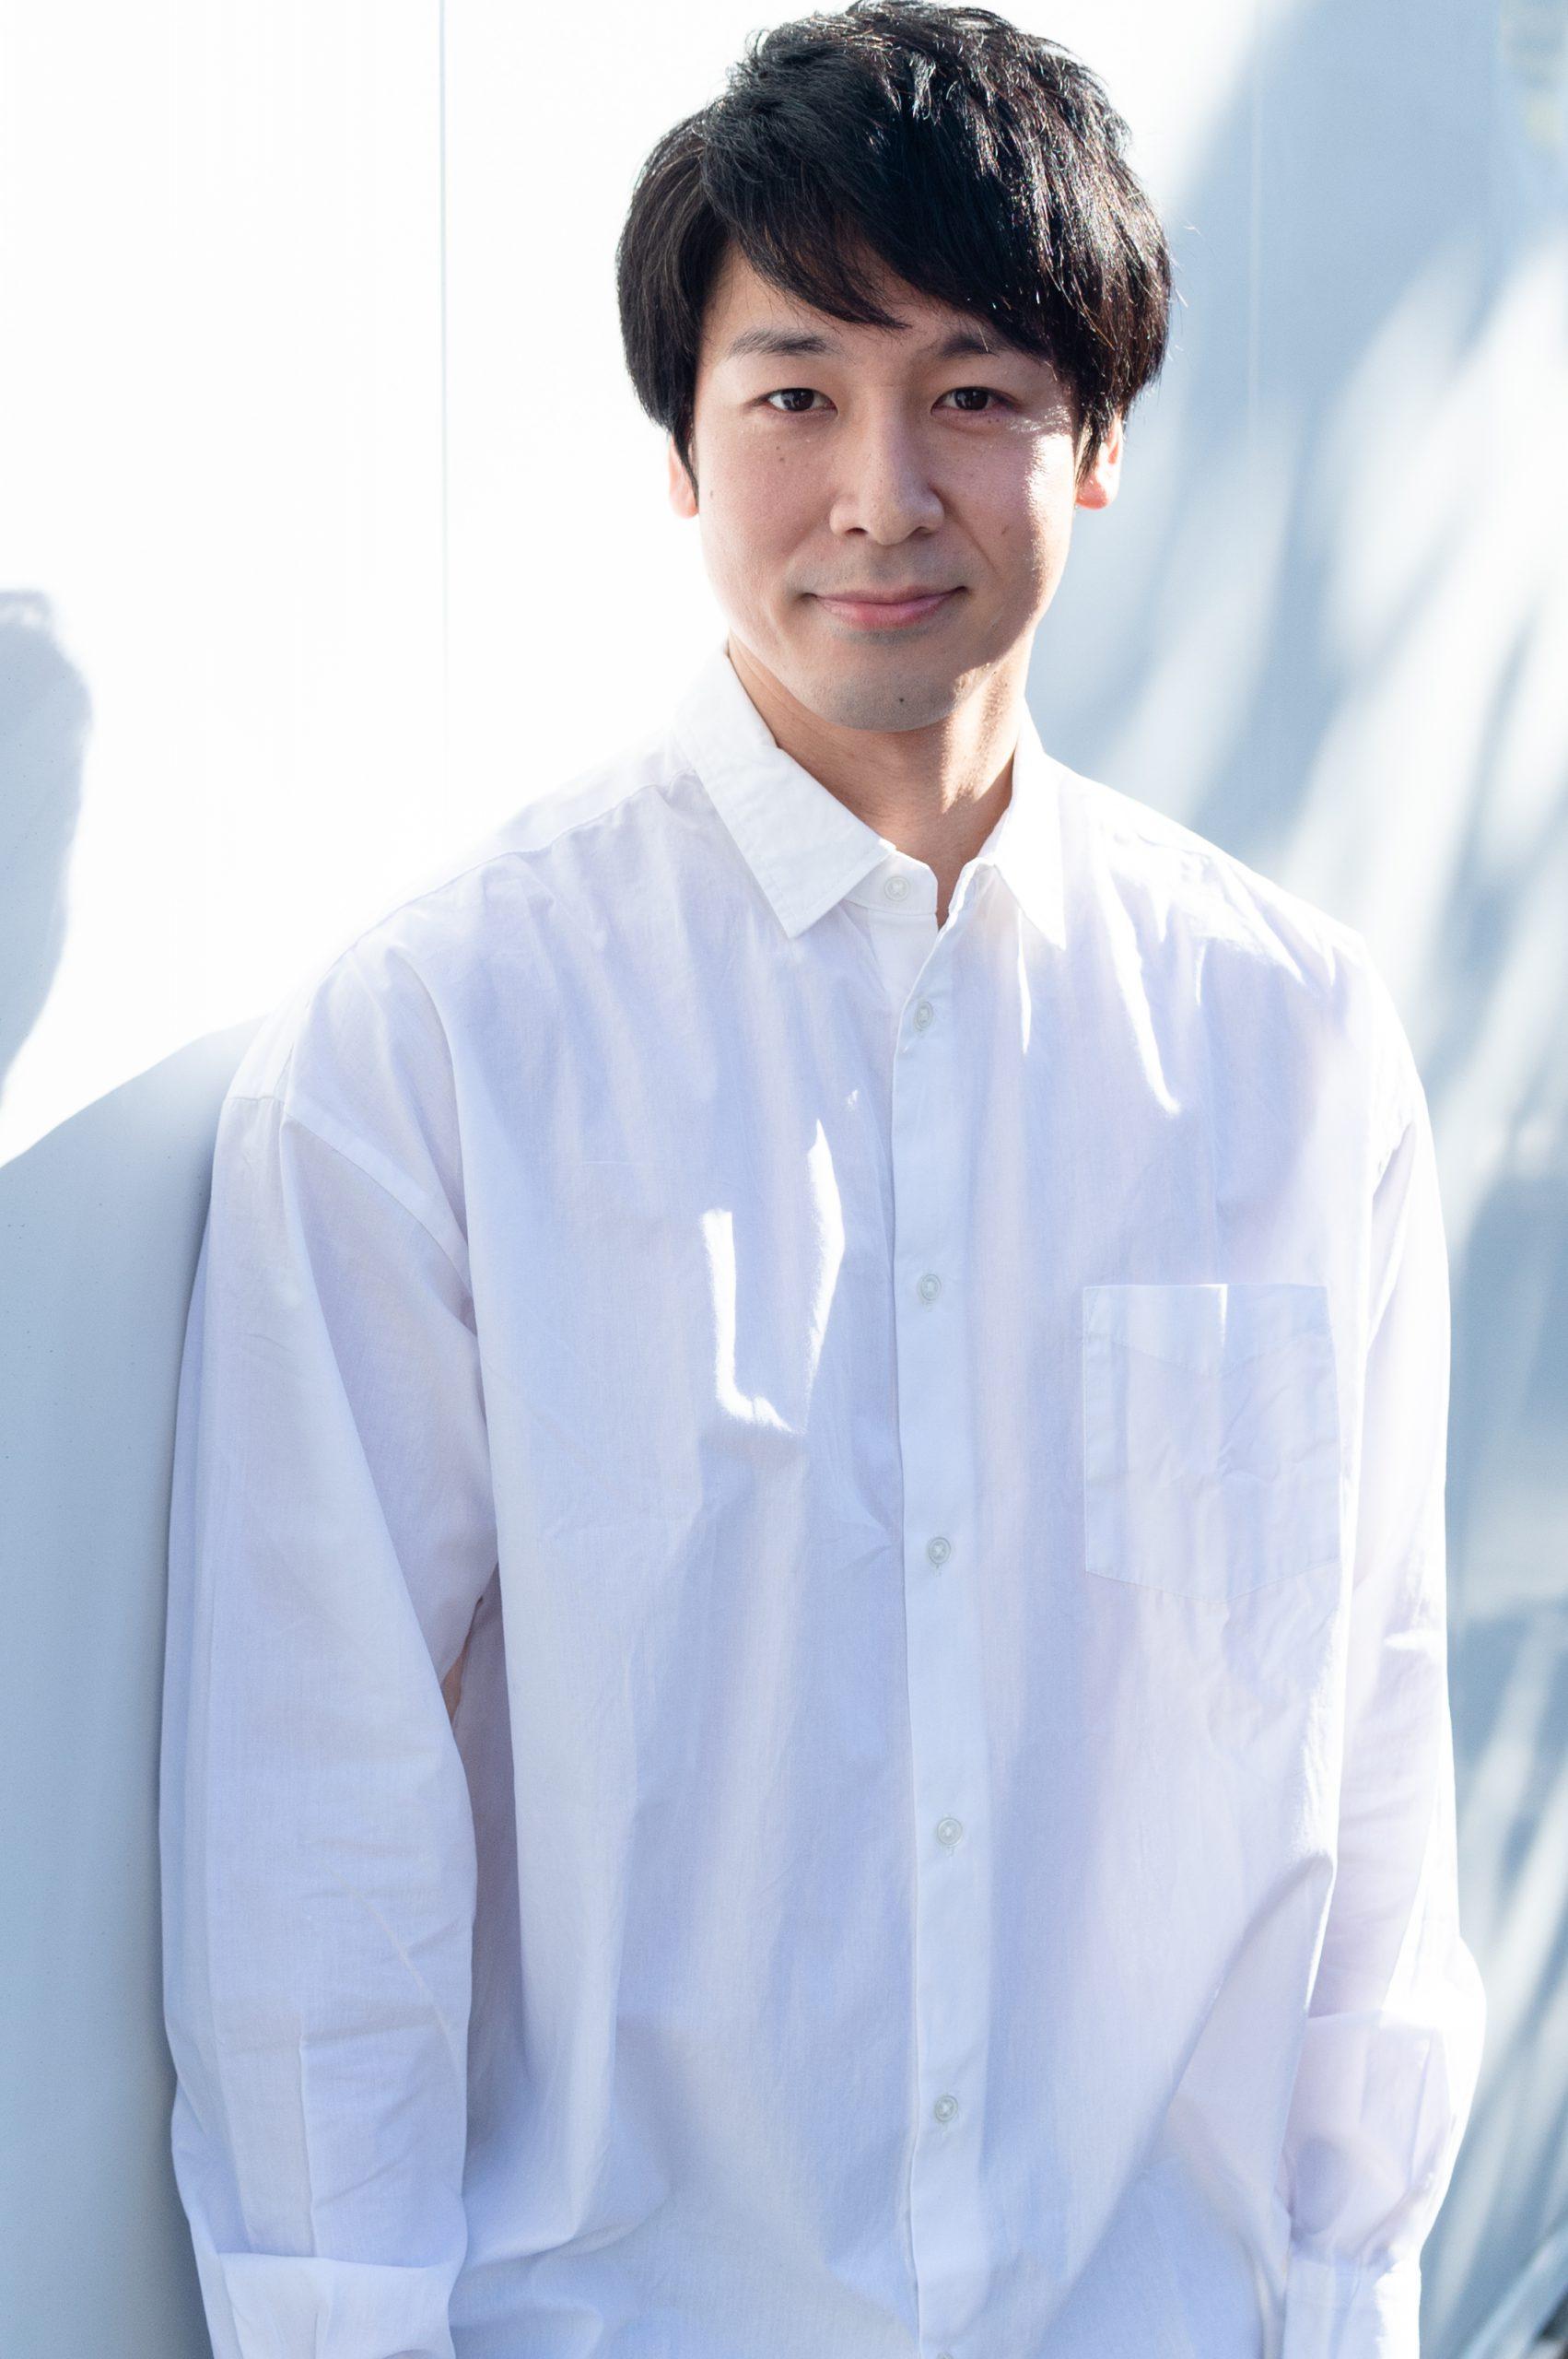 藤本 悠輔 Yusuke Fujimoto